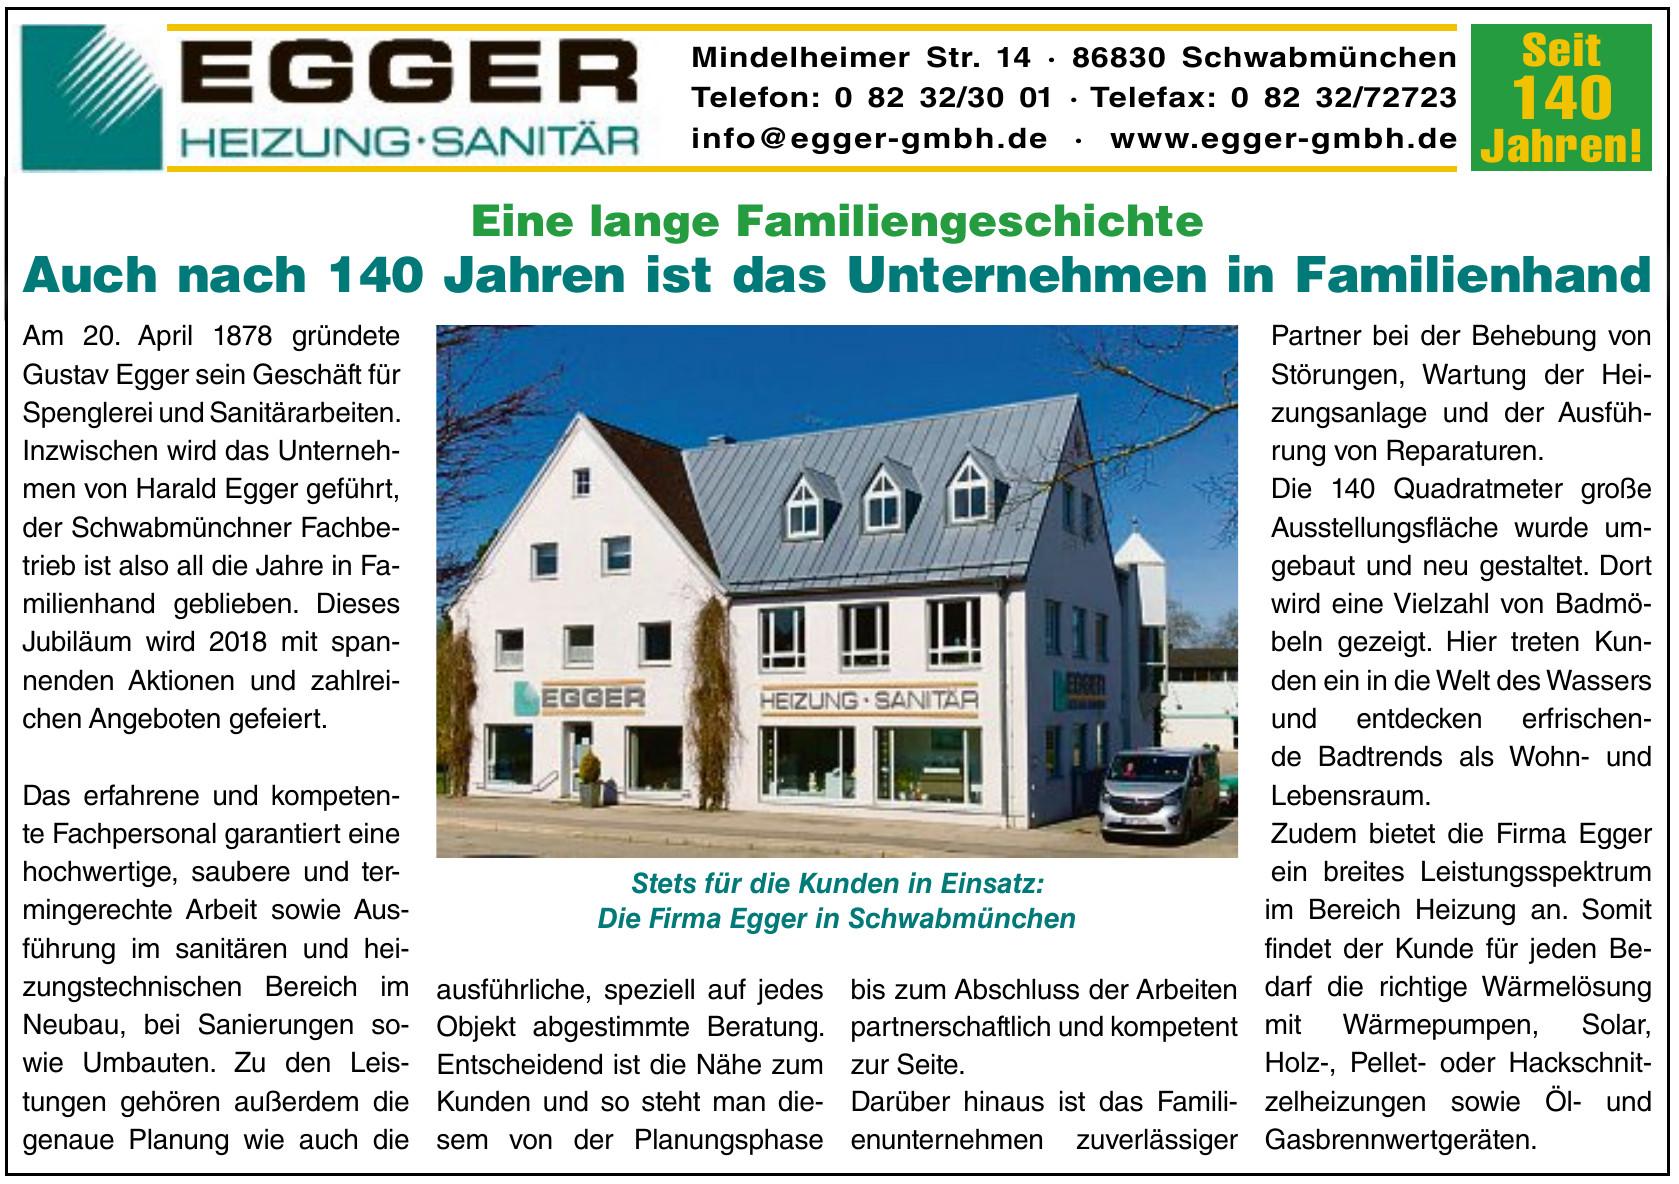 Egger Heizung - Sanitär